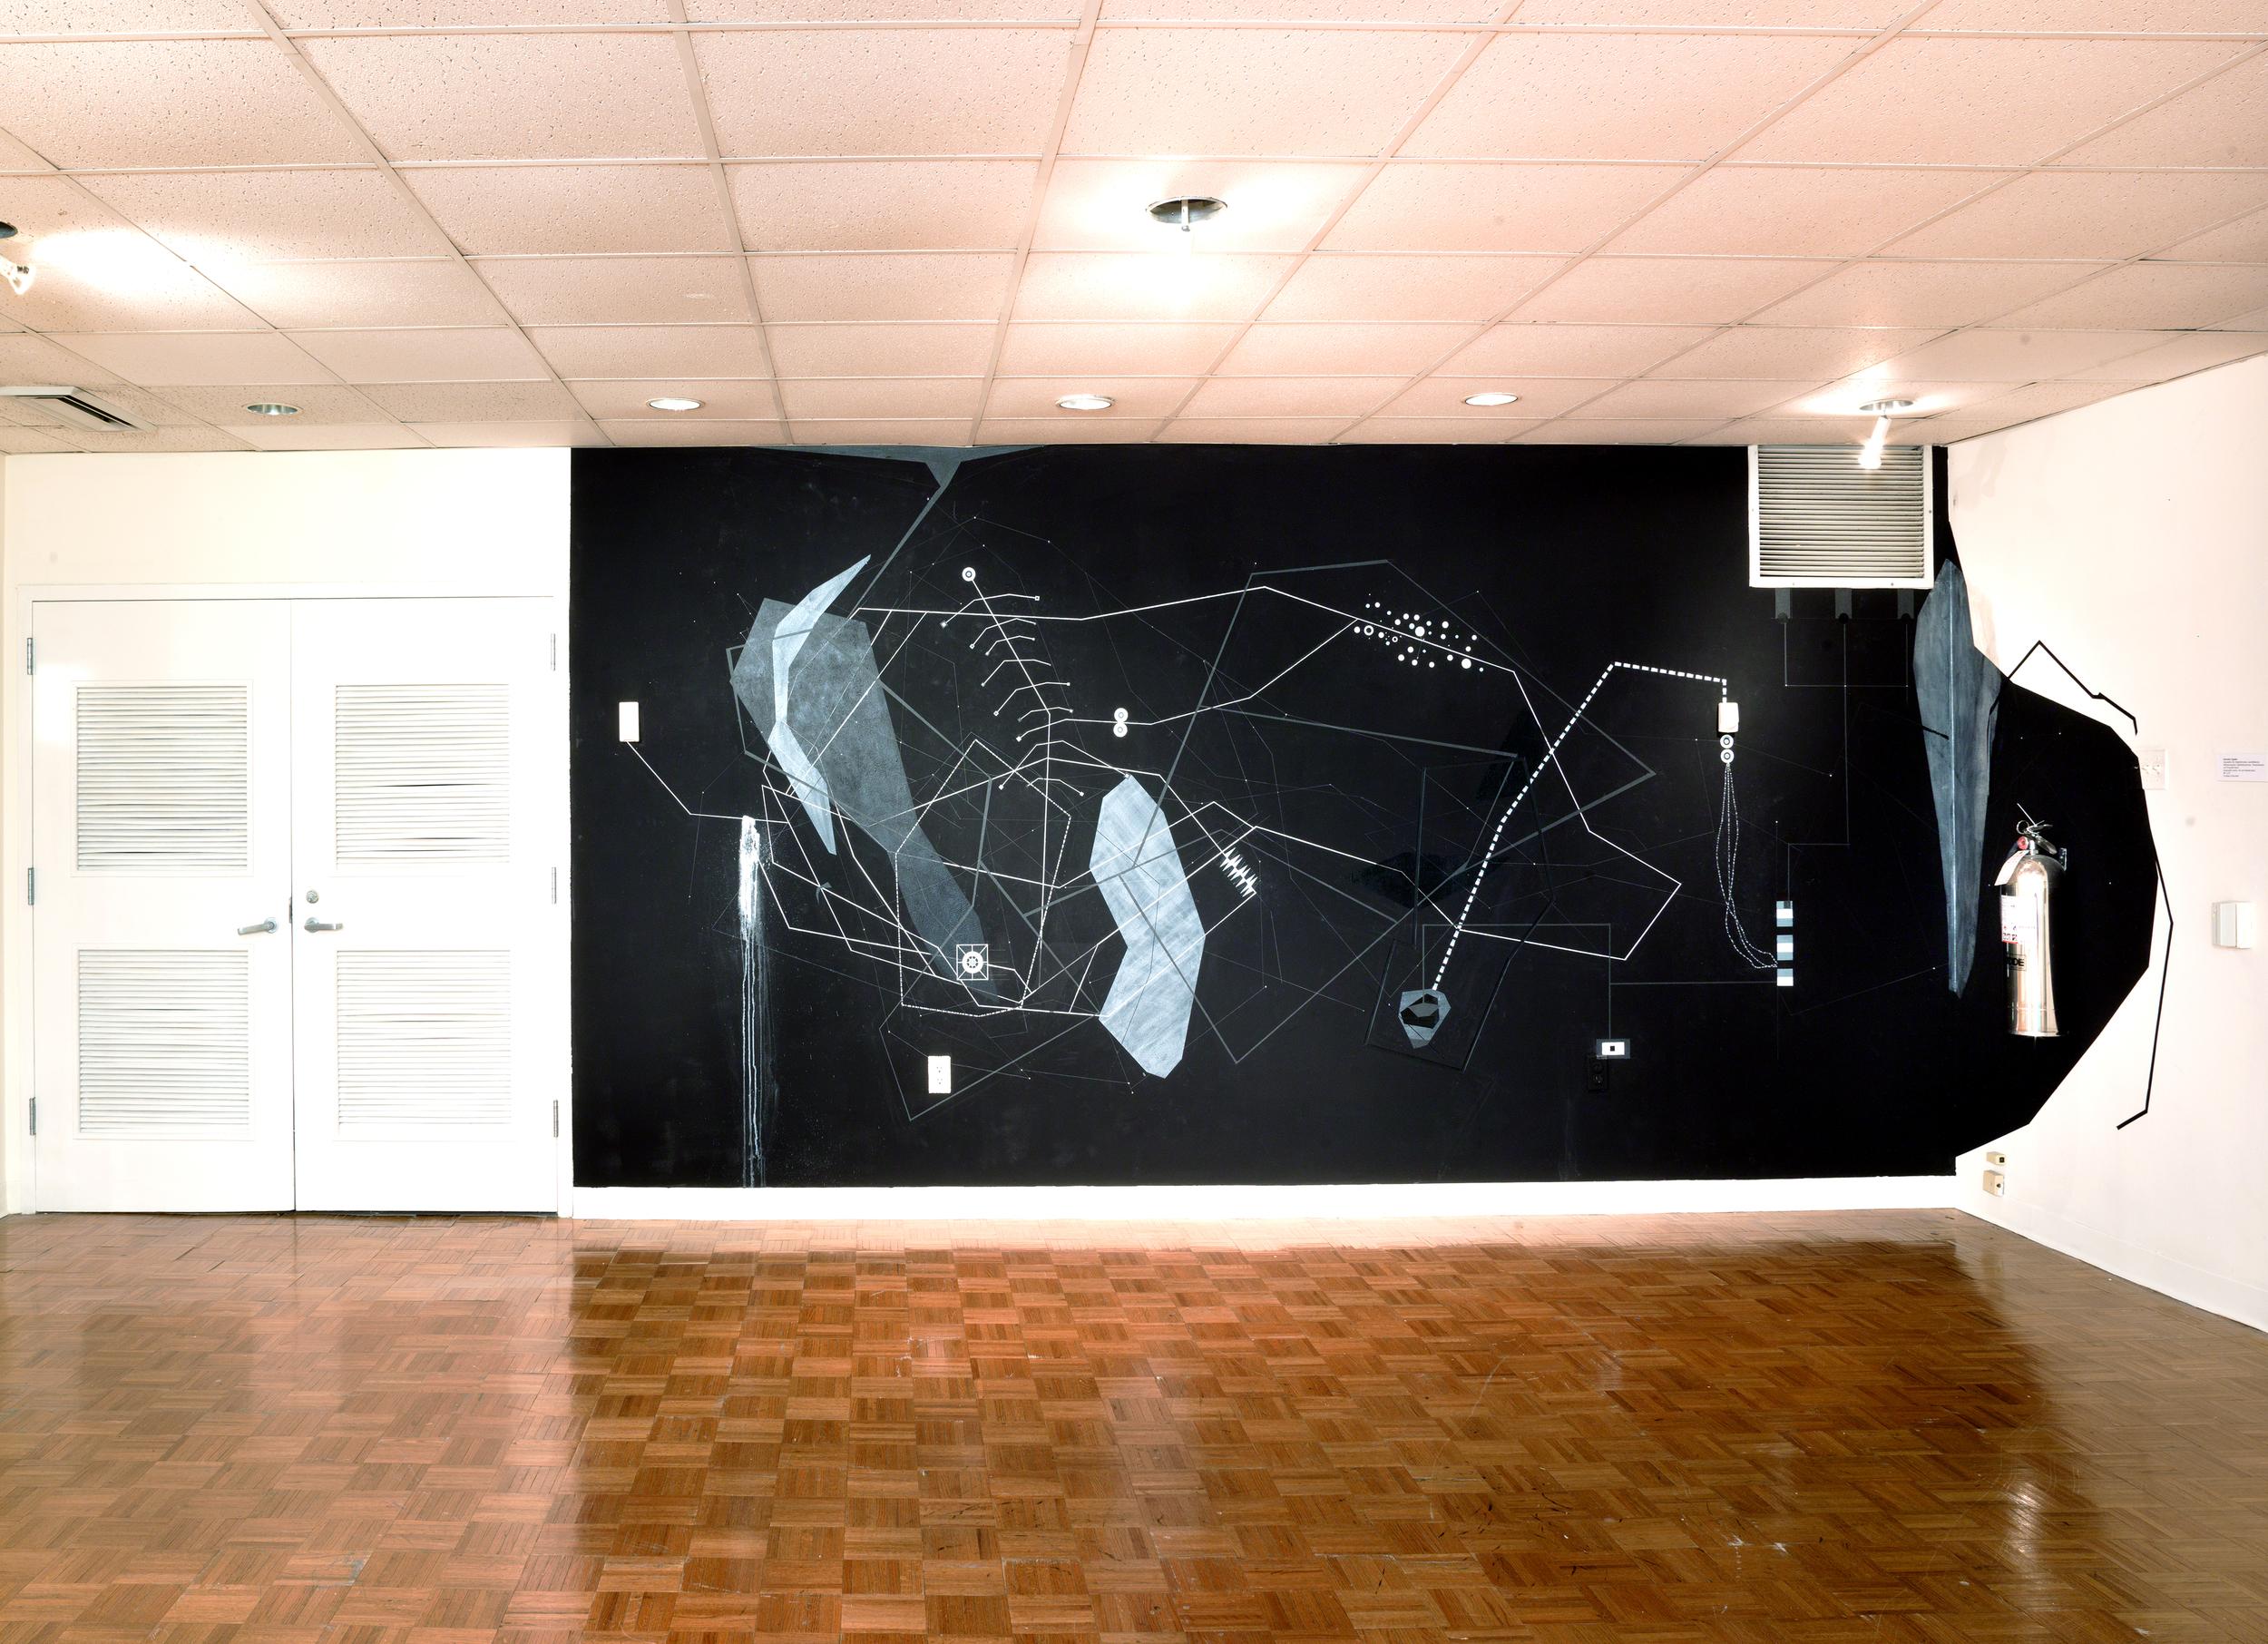 The Lehman College Art Gallery - Marcel Breuer Building